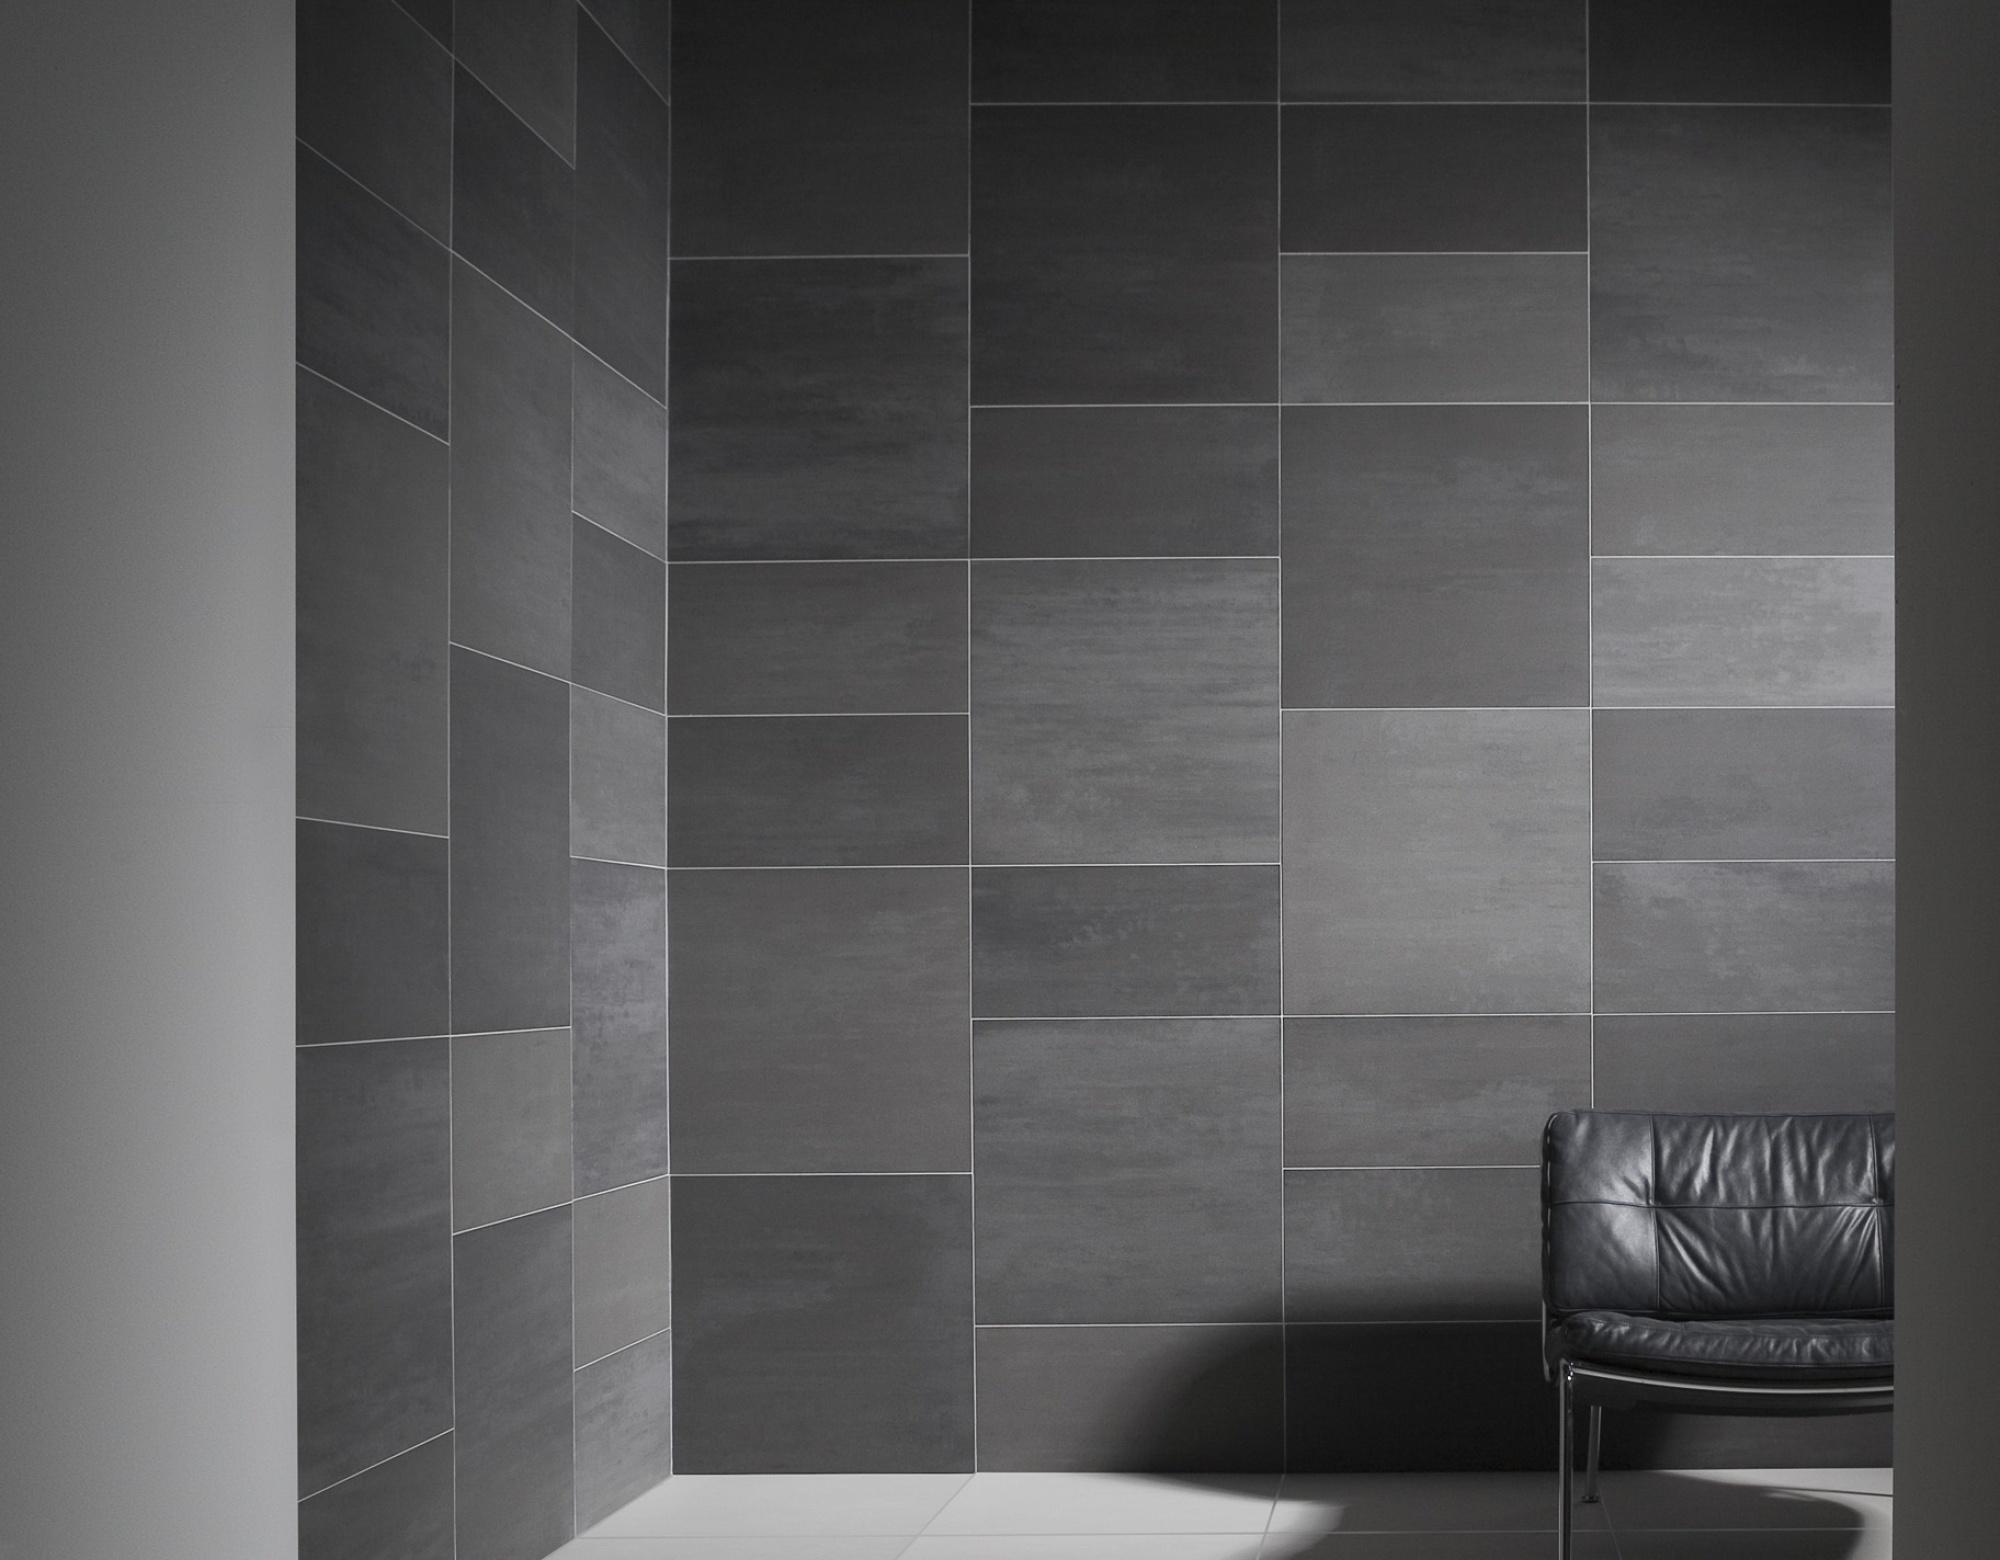 Keuken Mosa Tegels : Wandtegels u e mosa tegels